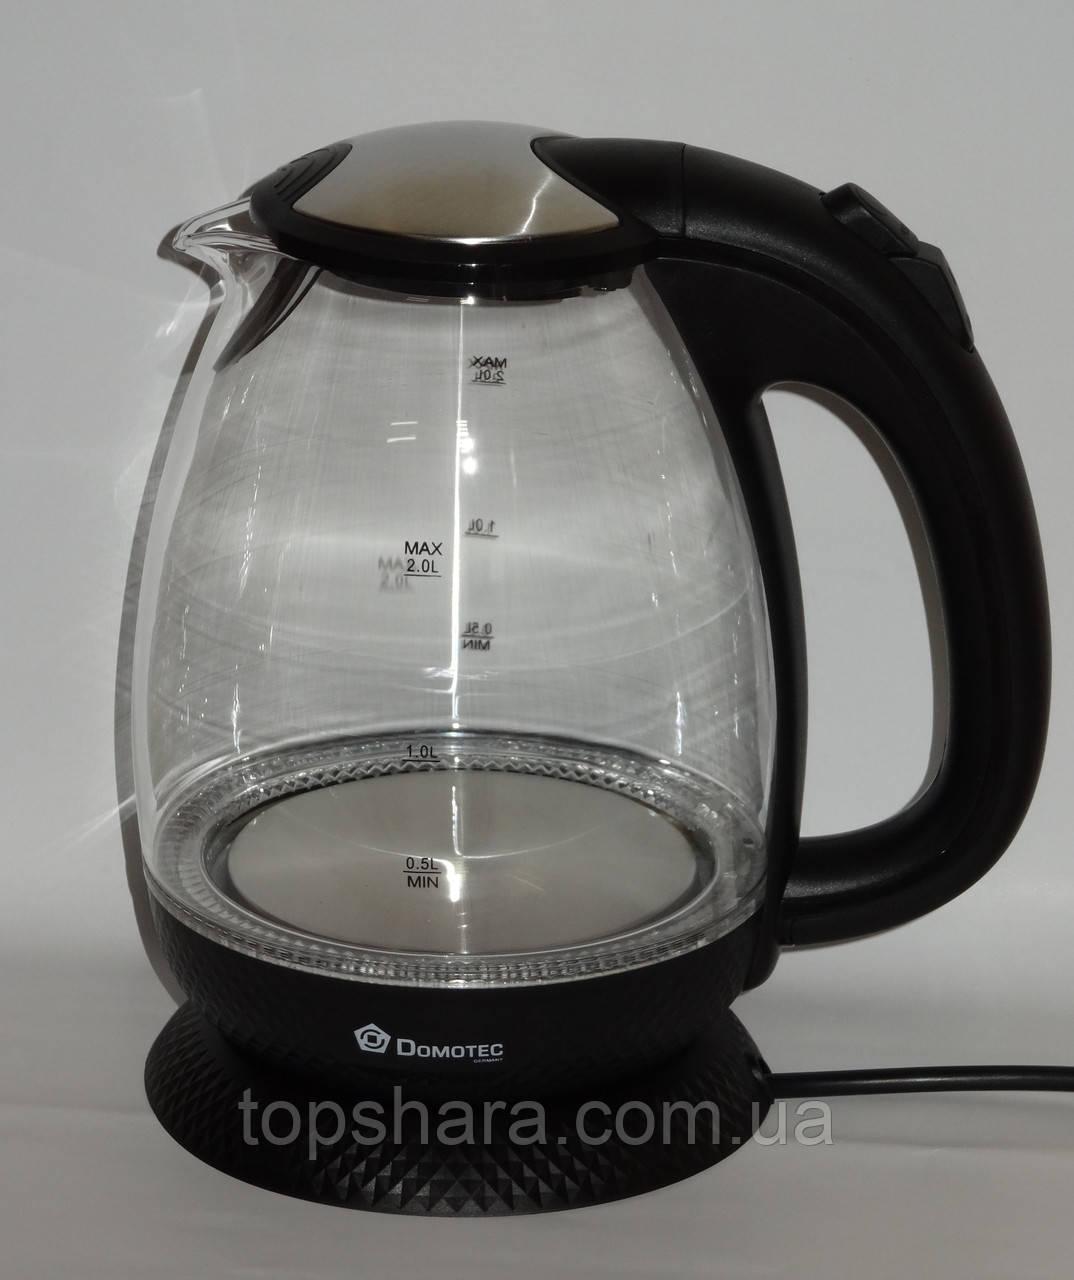 Электрочайник стекло Domotec DT-705  2.0л Черный LED подсветка